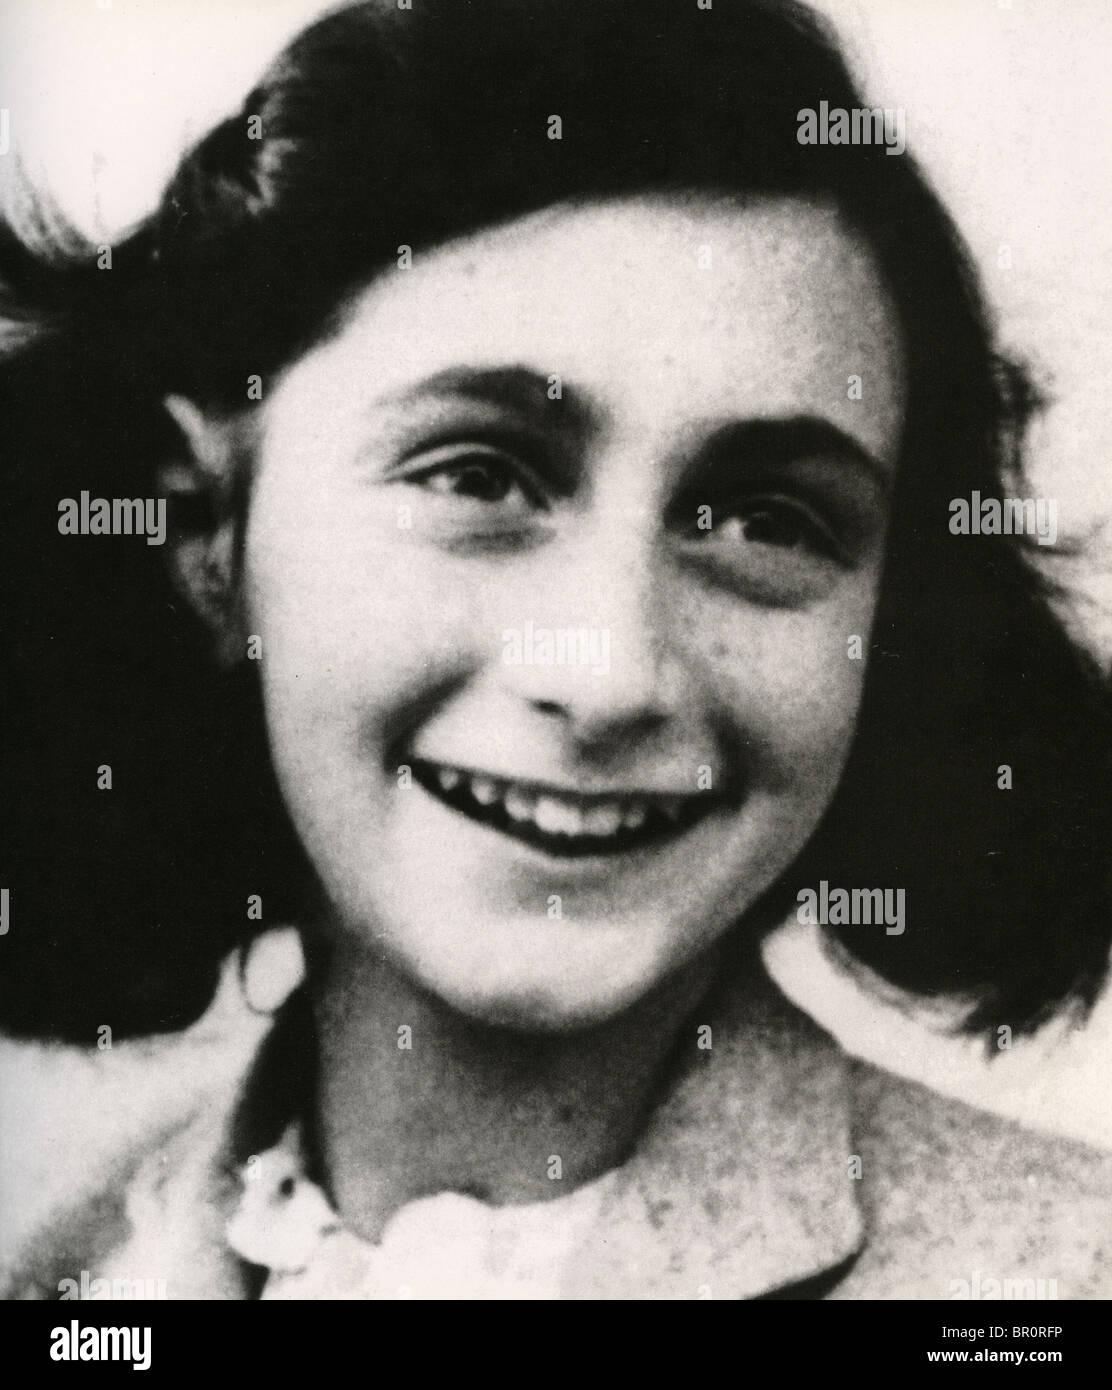 La casa di Anna Frank (1929-1945) ebreo olandese vittima di olocausto Immagini Stock